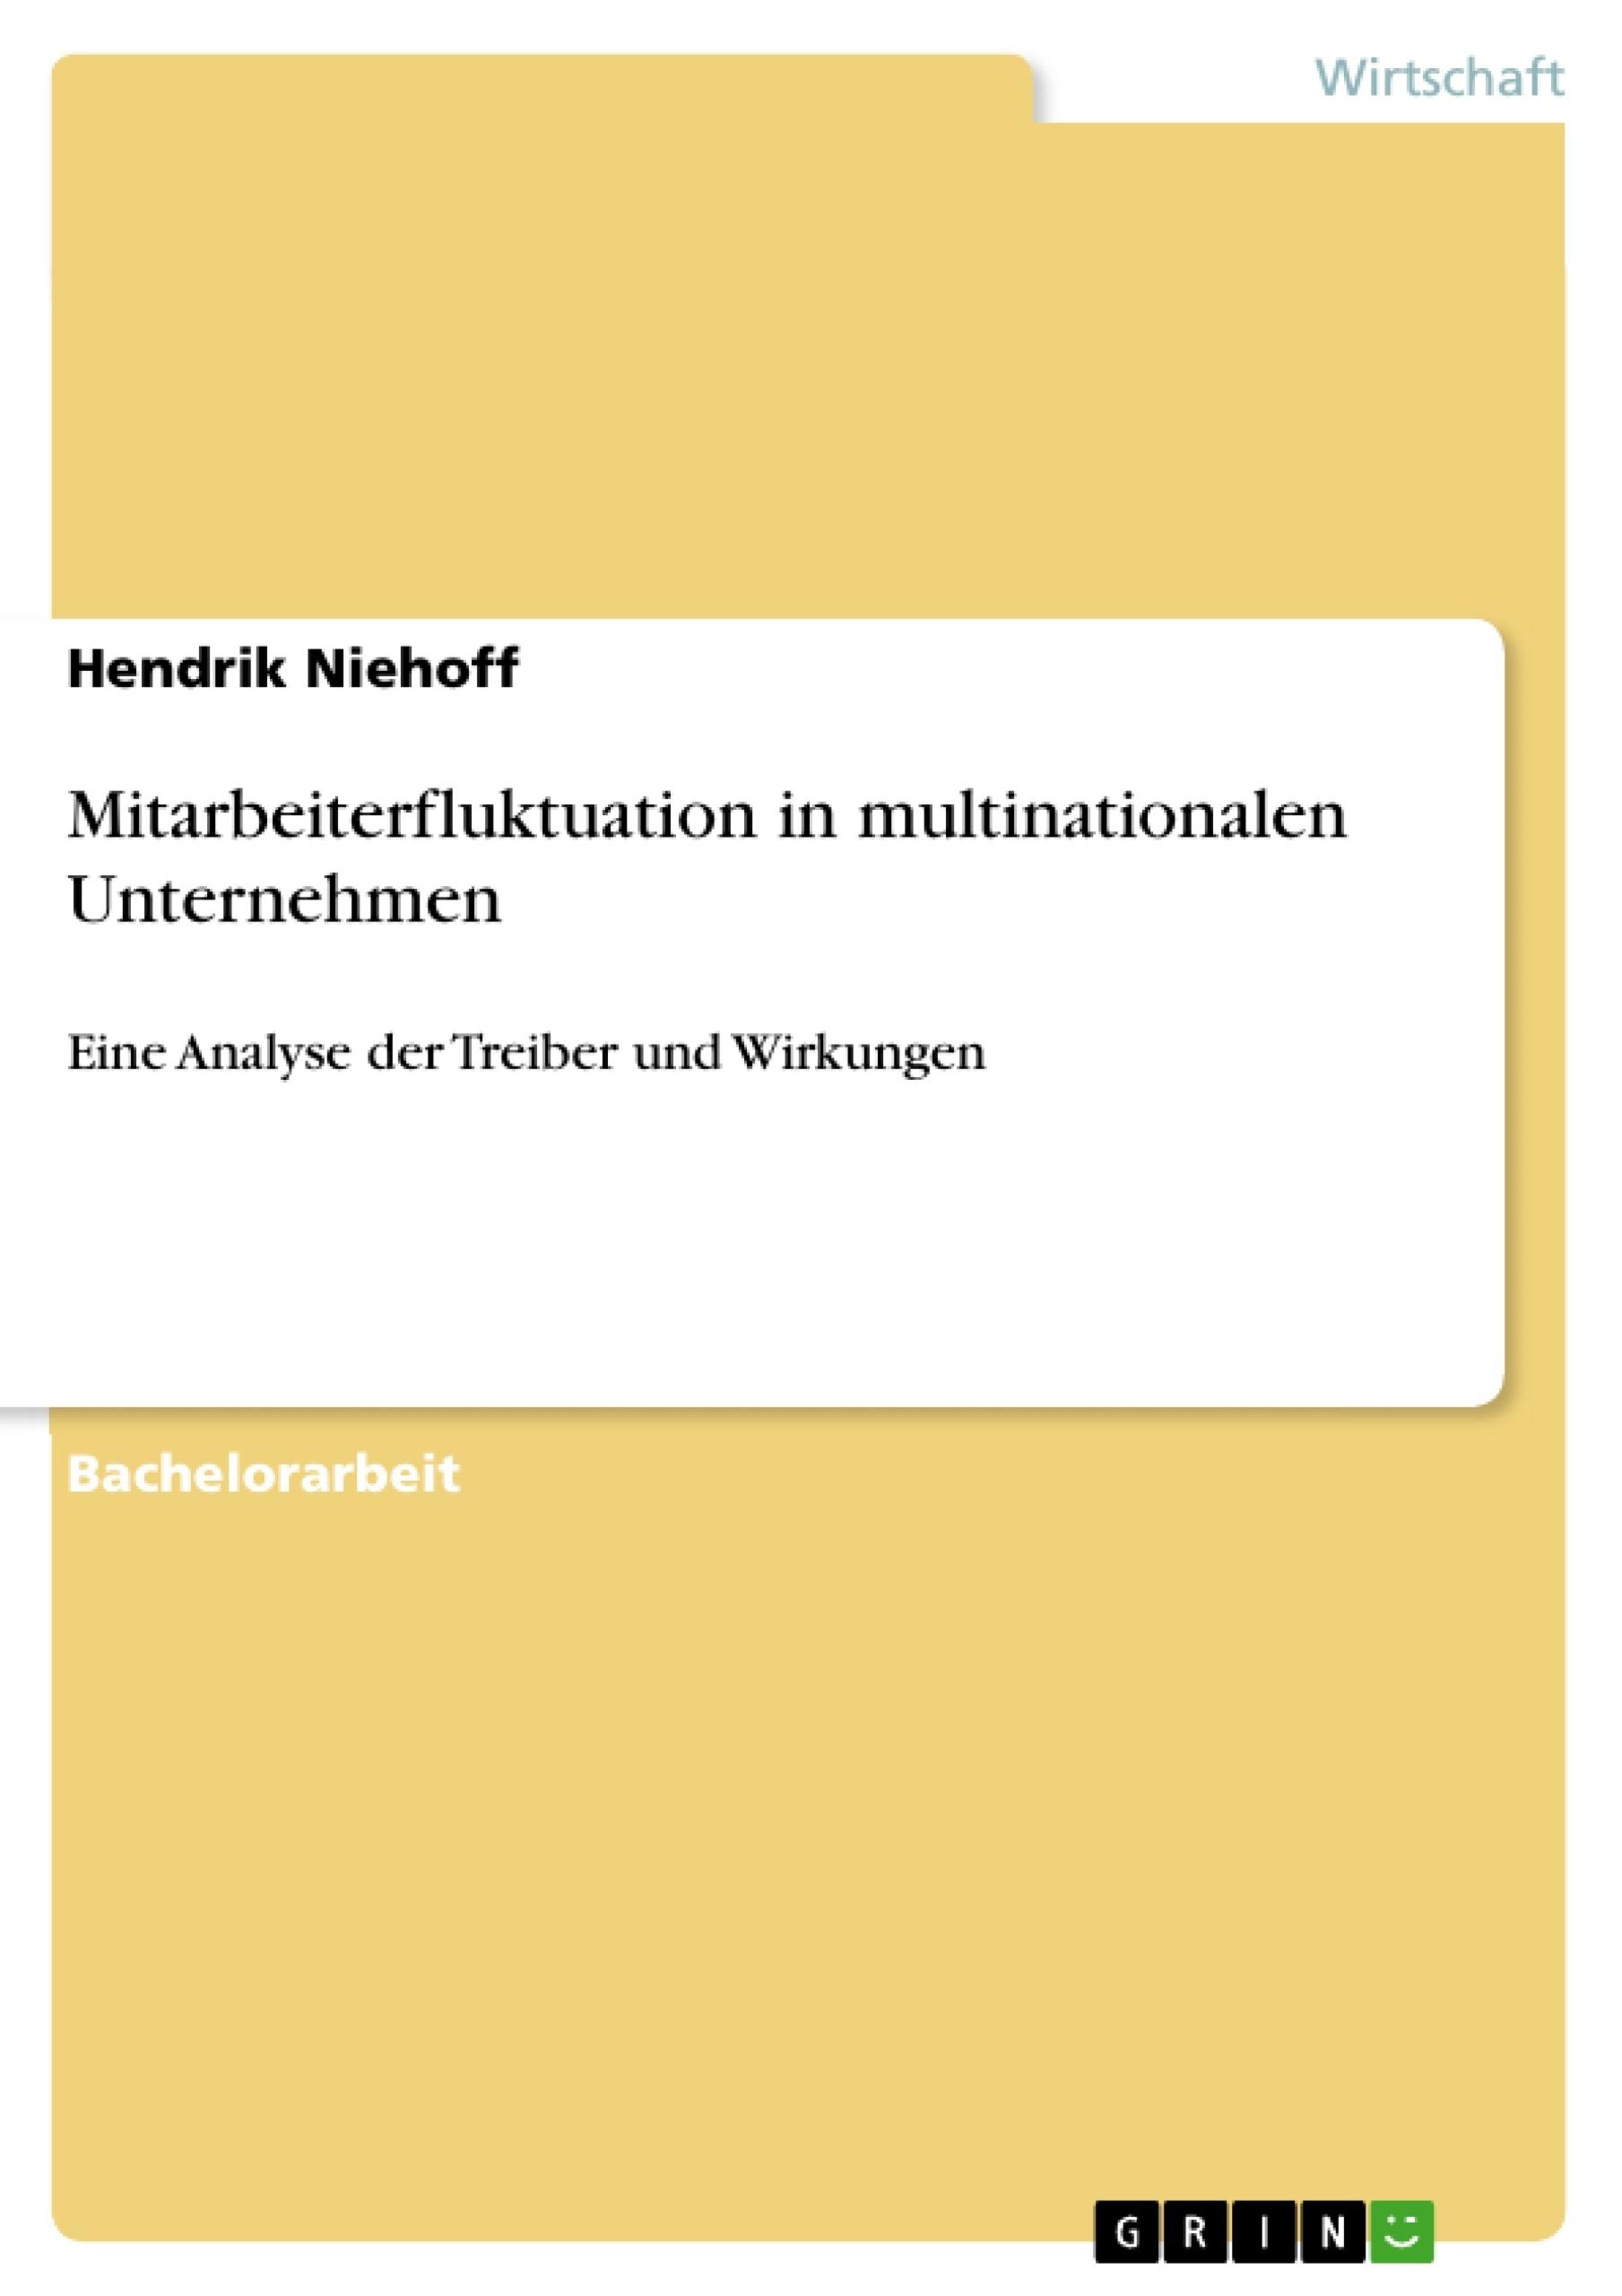 Titel: Mitarbeiterfluktuation in multinationalen Unternehmen